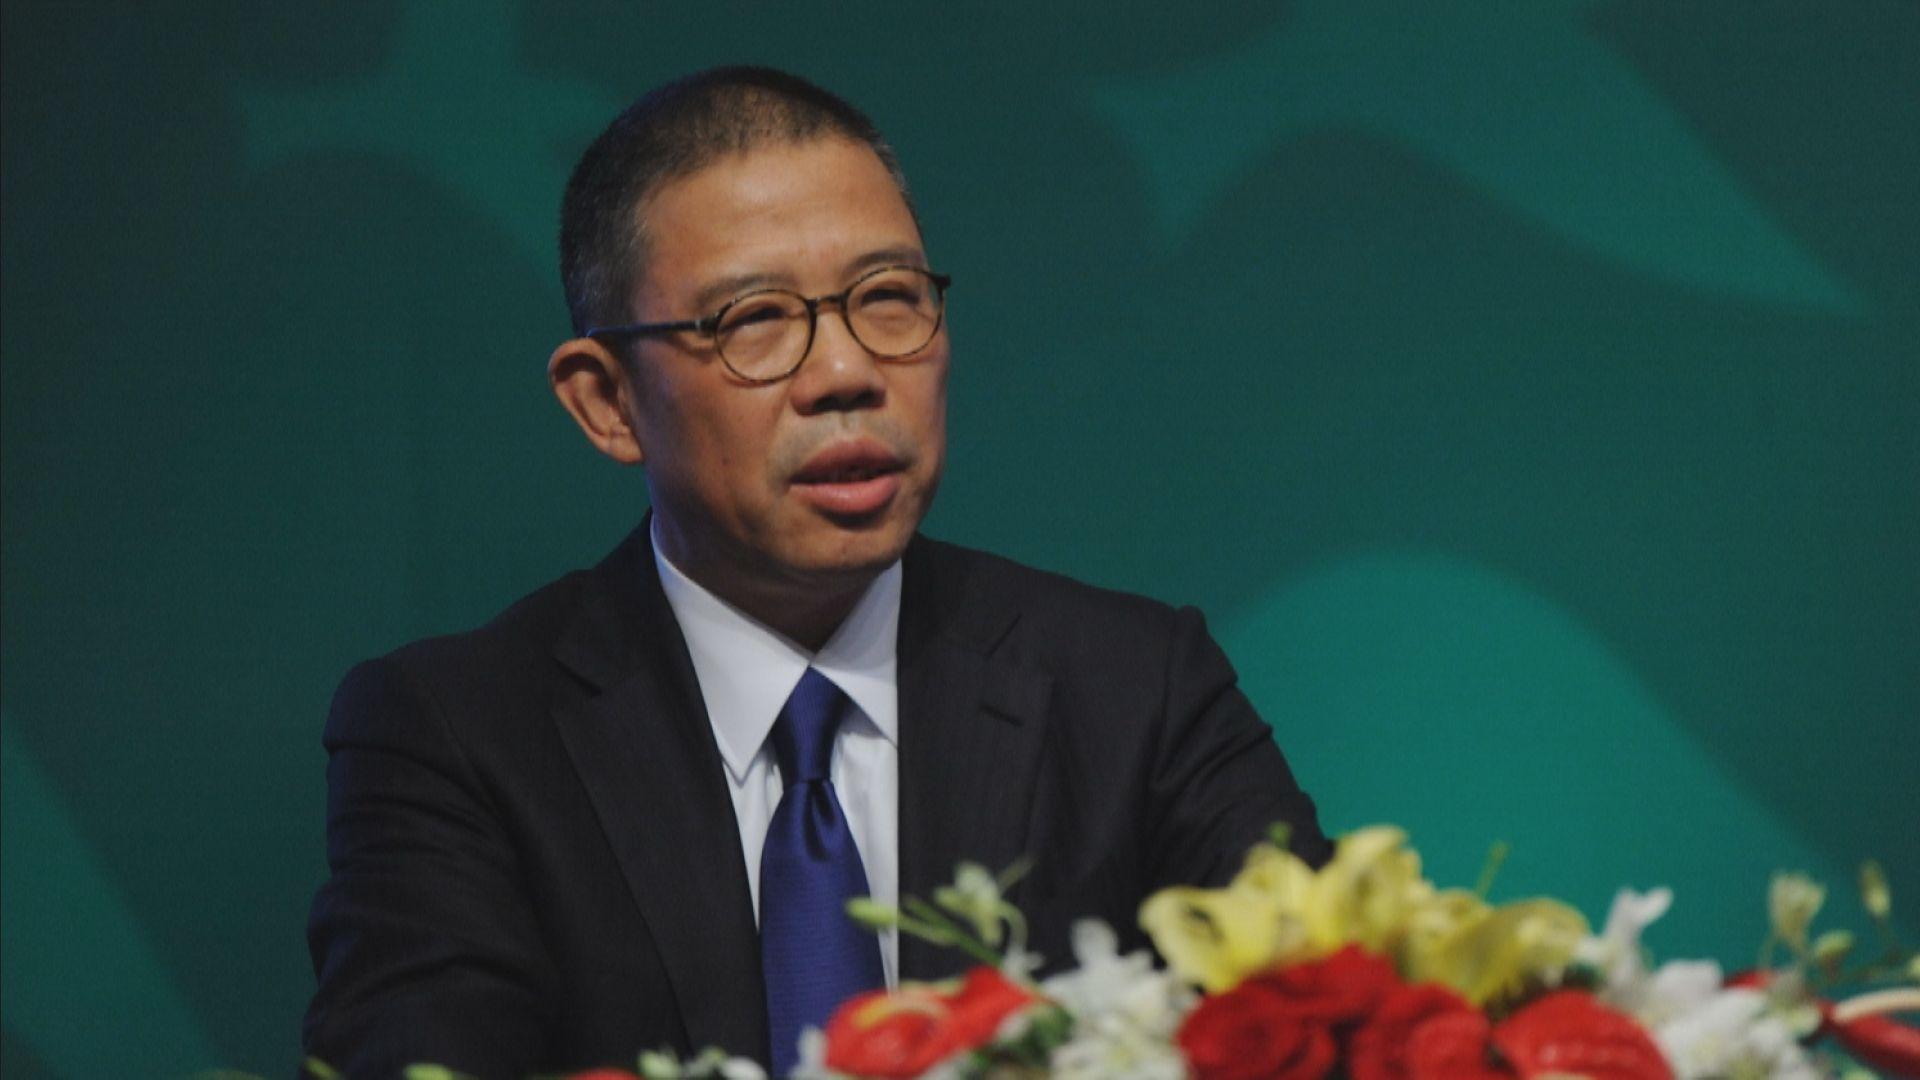 【福布斯富豪榜】農夫山泉鍾睒睒排13位  身家多過「雙馬」